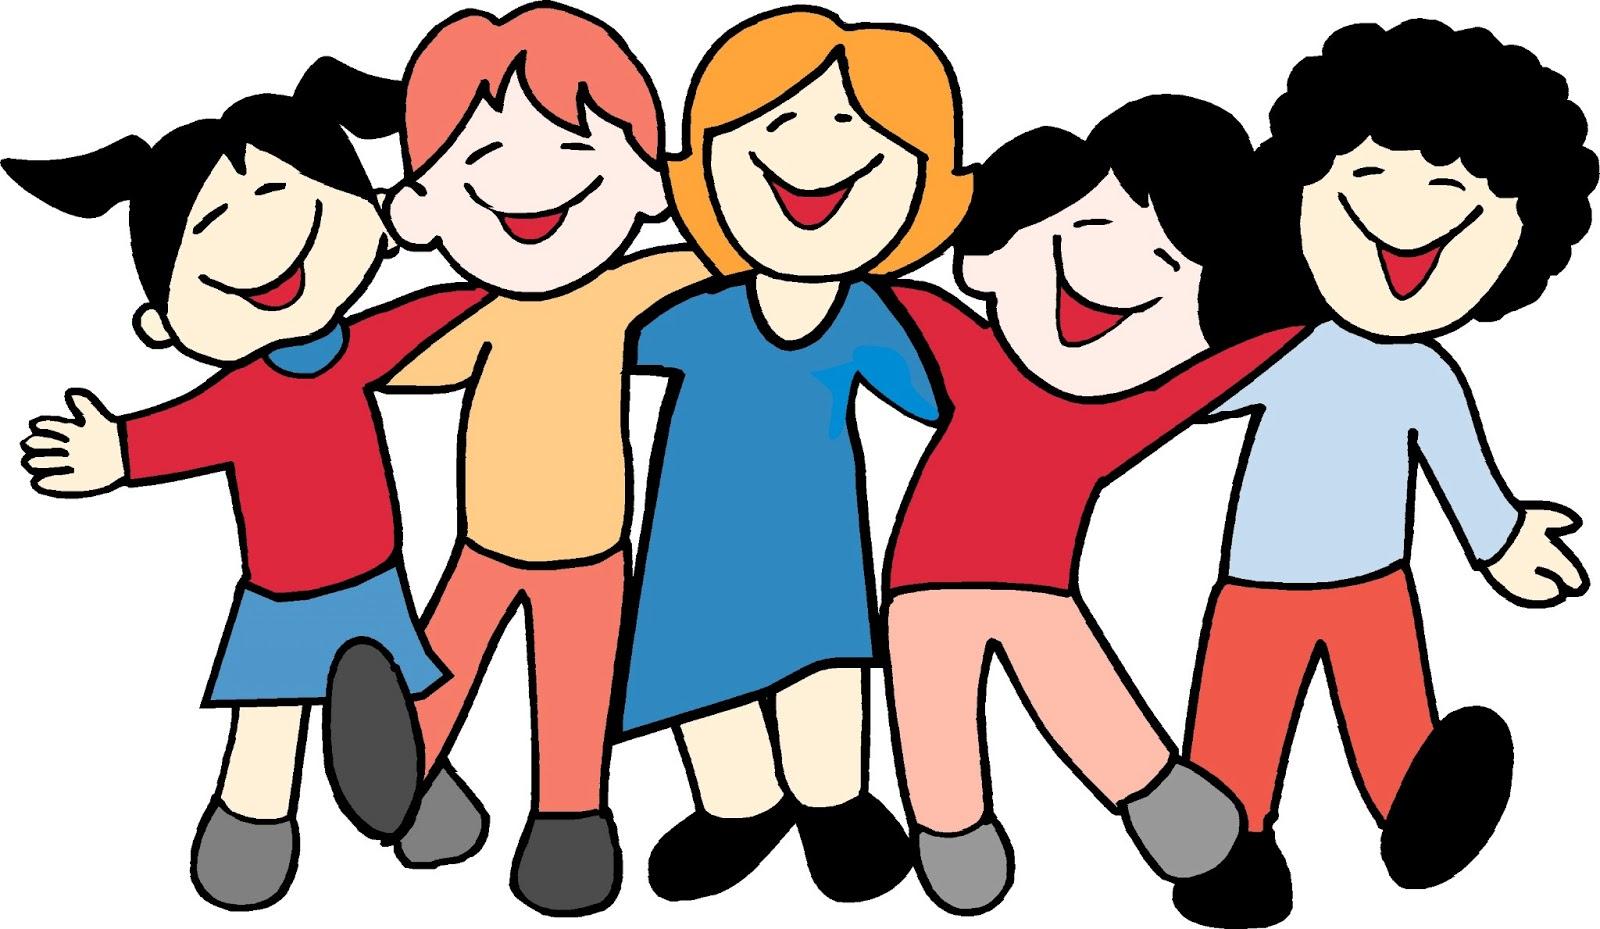 1600x929 Clip Art Church Family And Friend Clipart 3